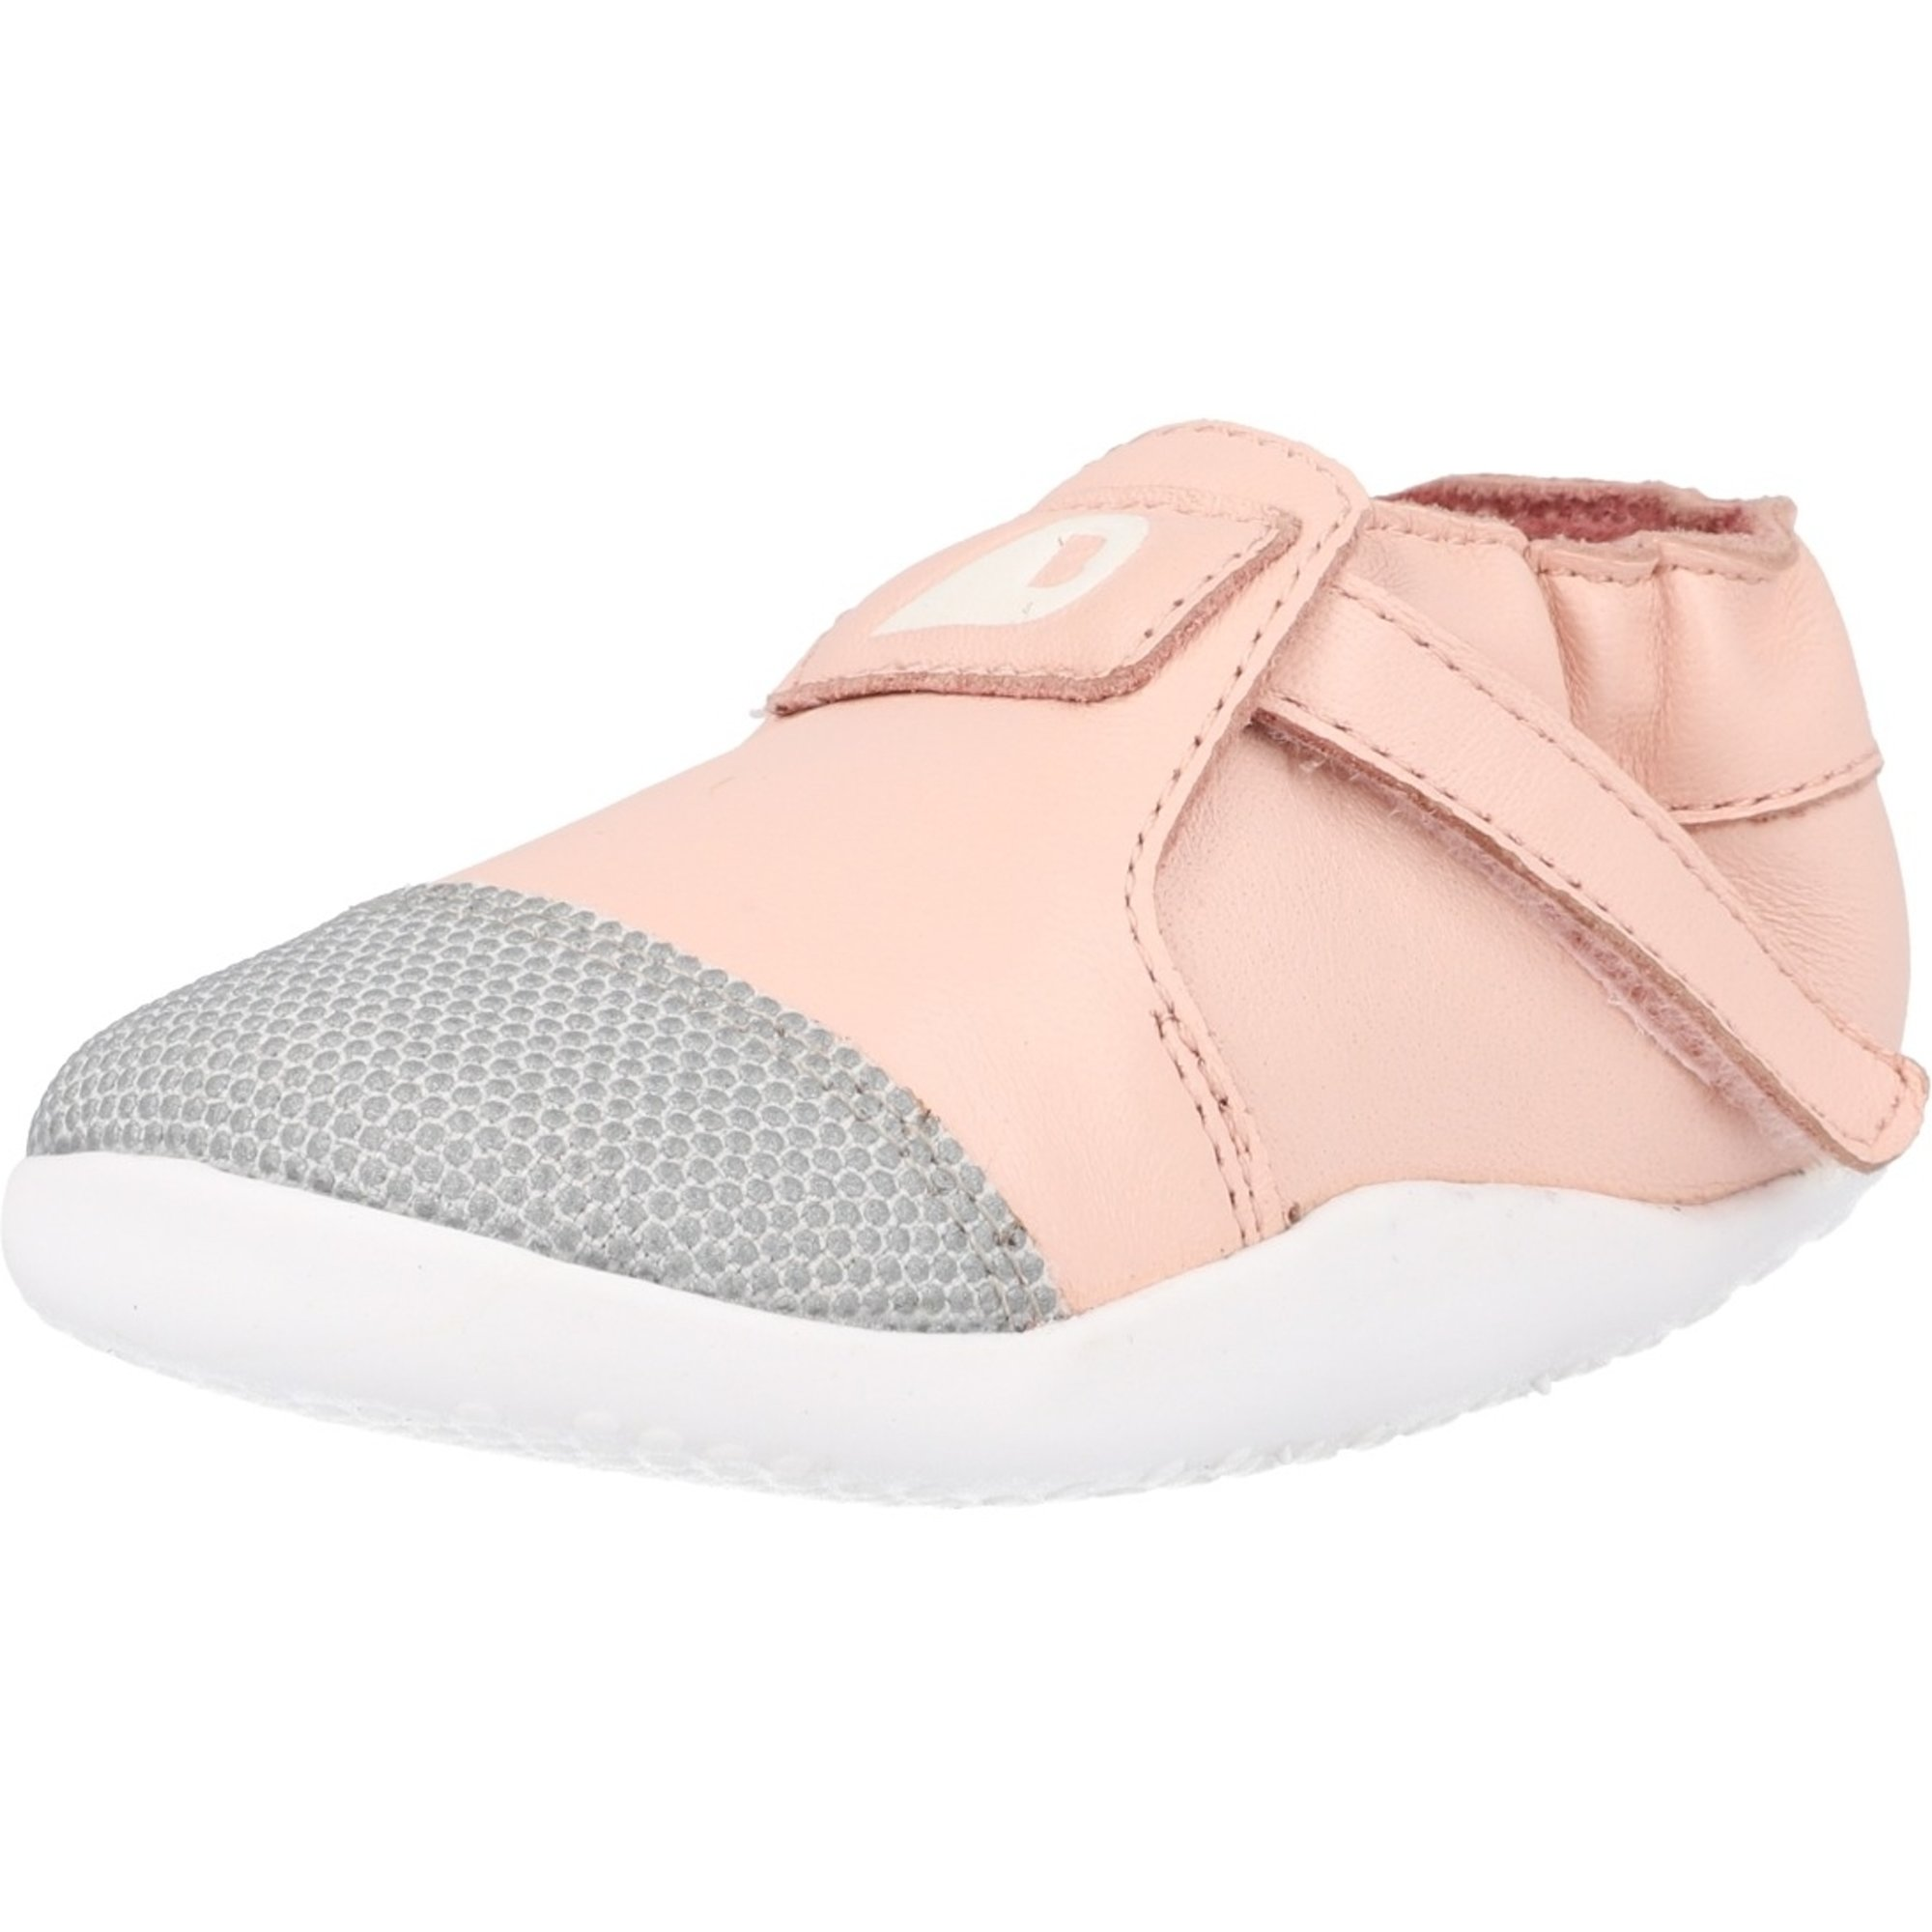 Bobux Xplorer Origin Seashell Pink Leather